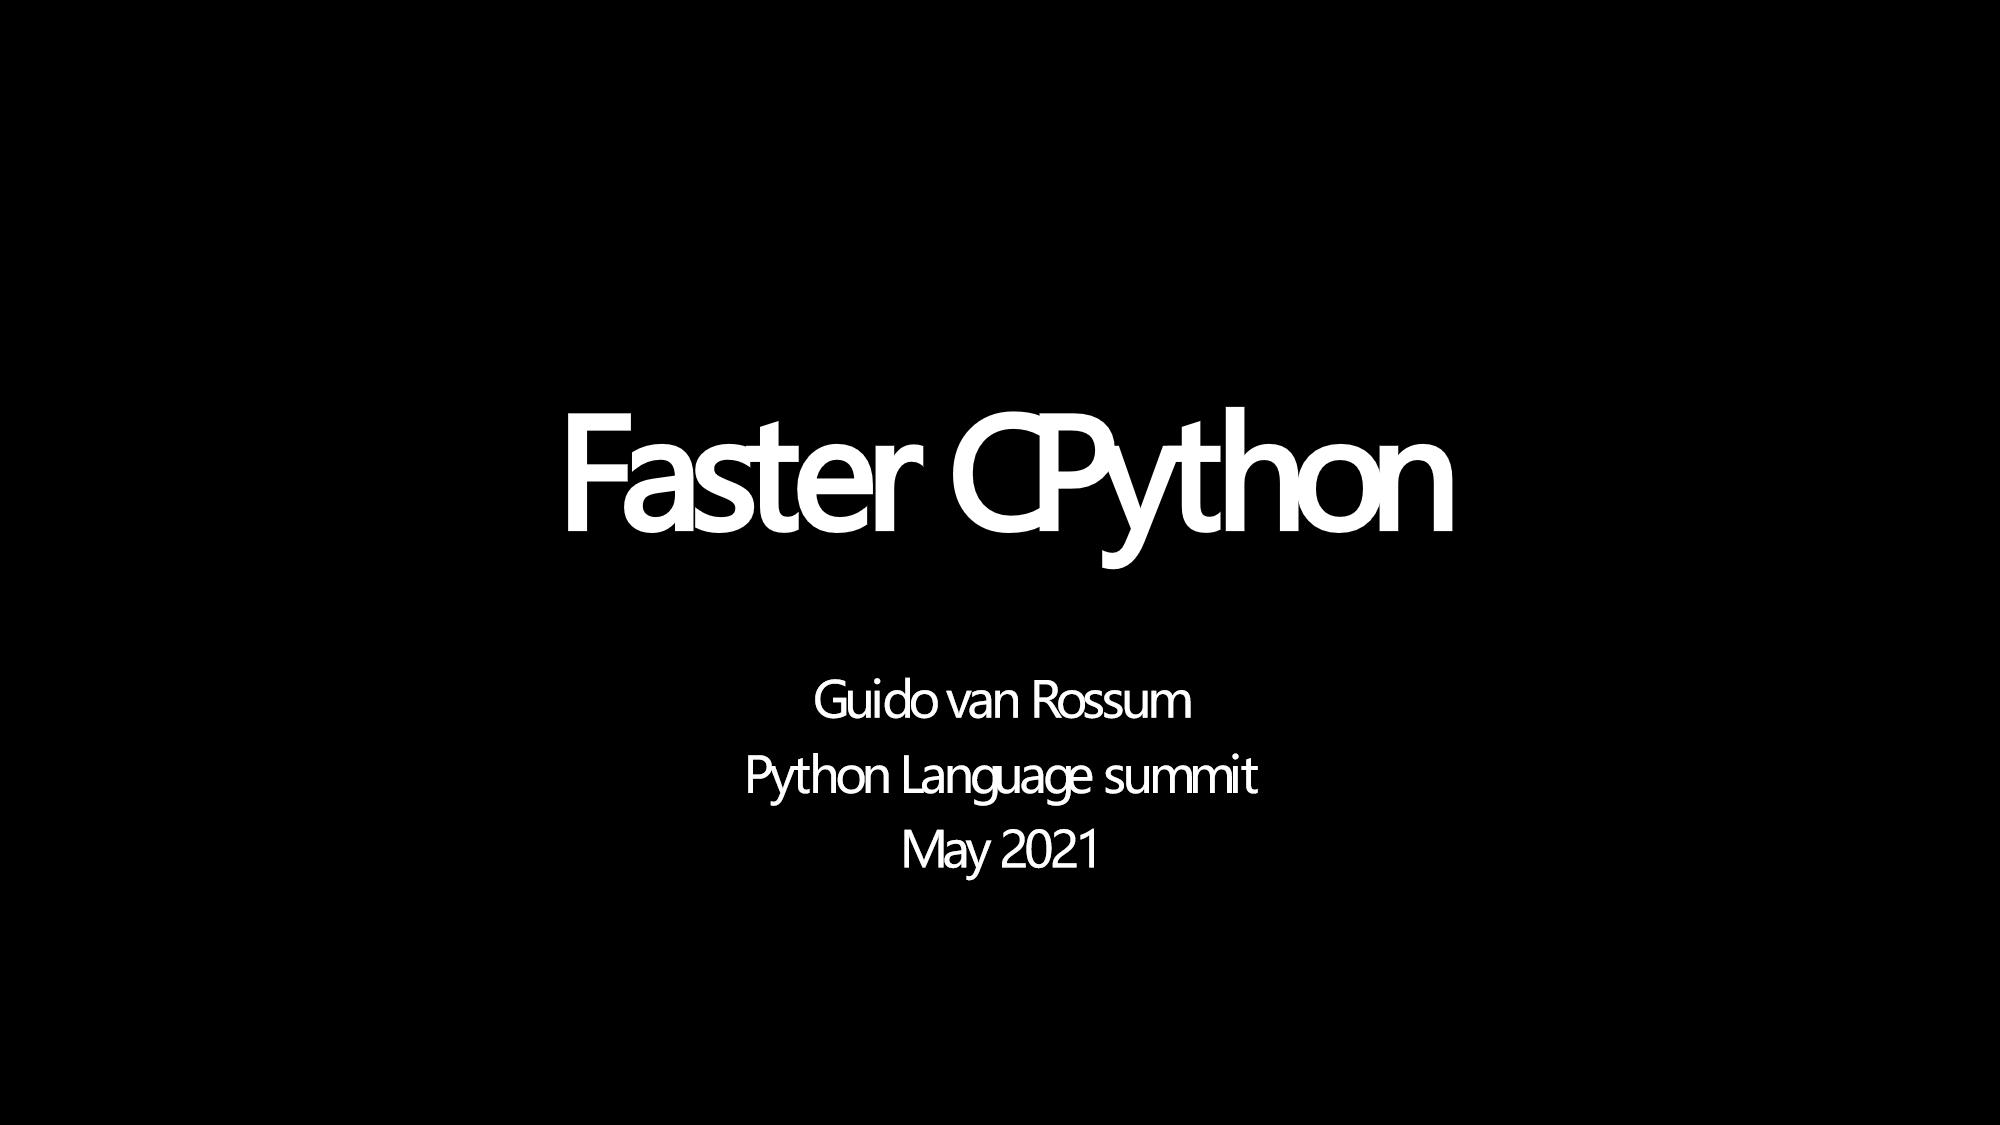 [多图]El fundador van Rossum quiere duplicar la velocidad de Python-Software and Applications-cnBeta.COM